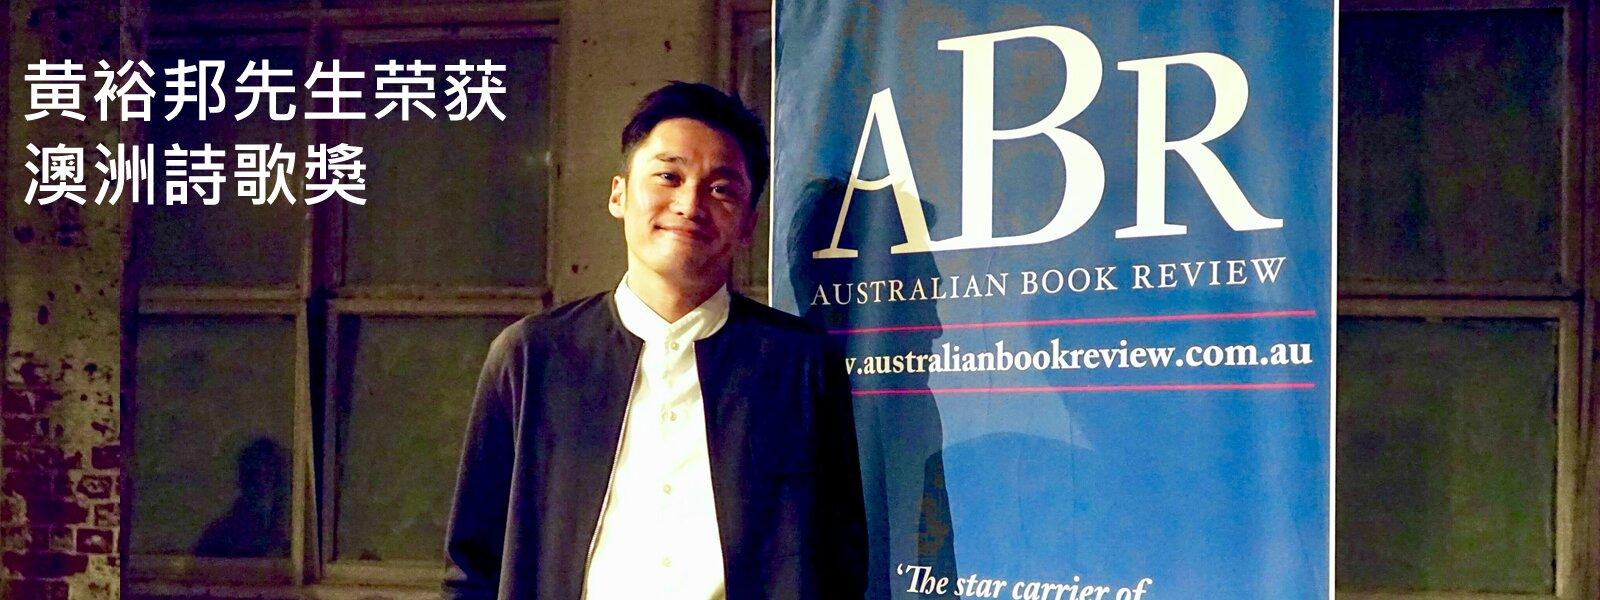 黄裕邦先生荣获澳洲诗歌奖